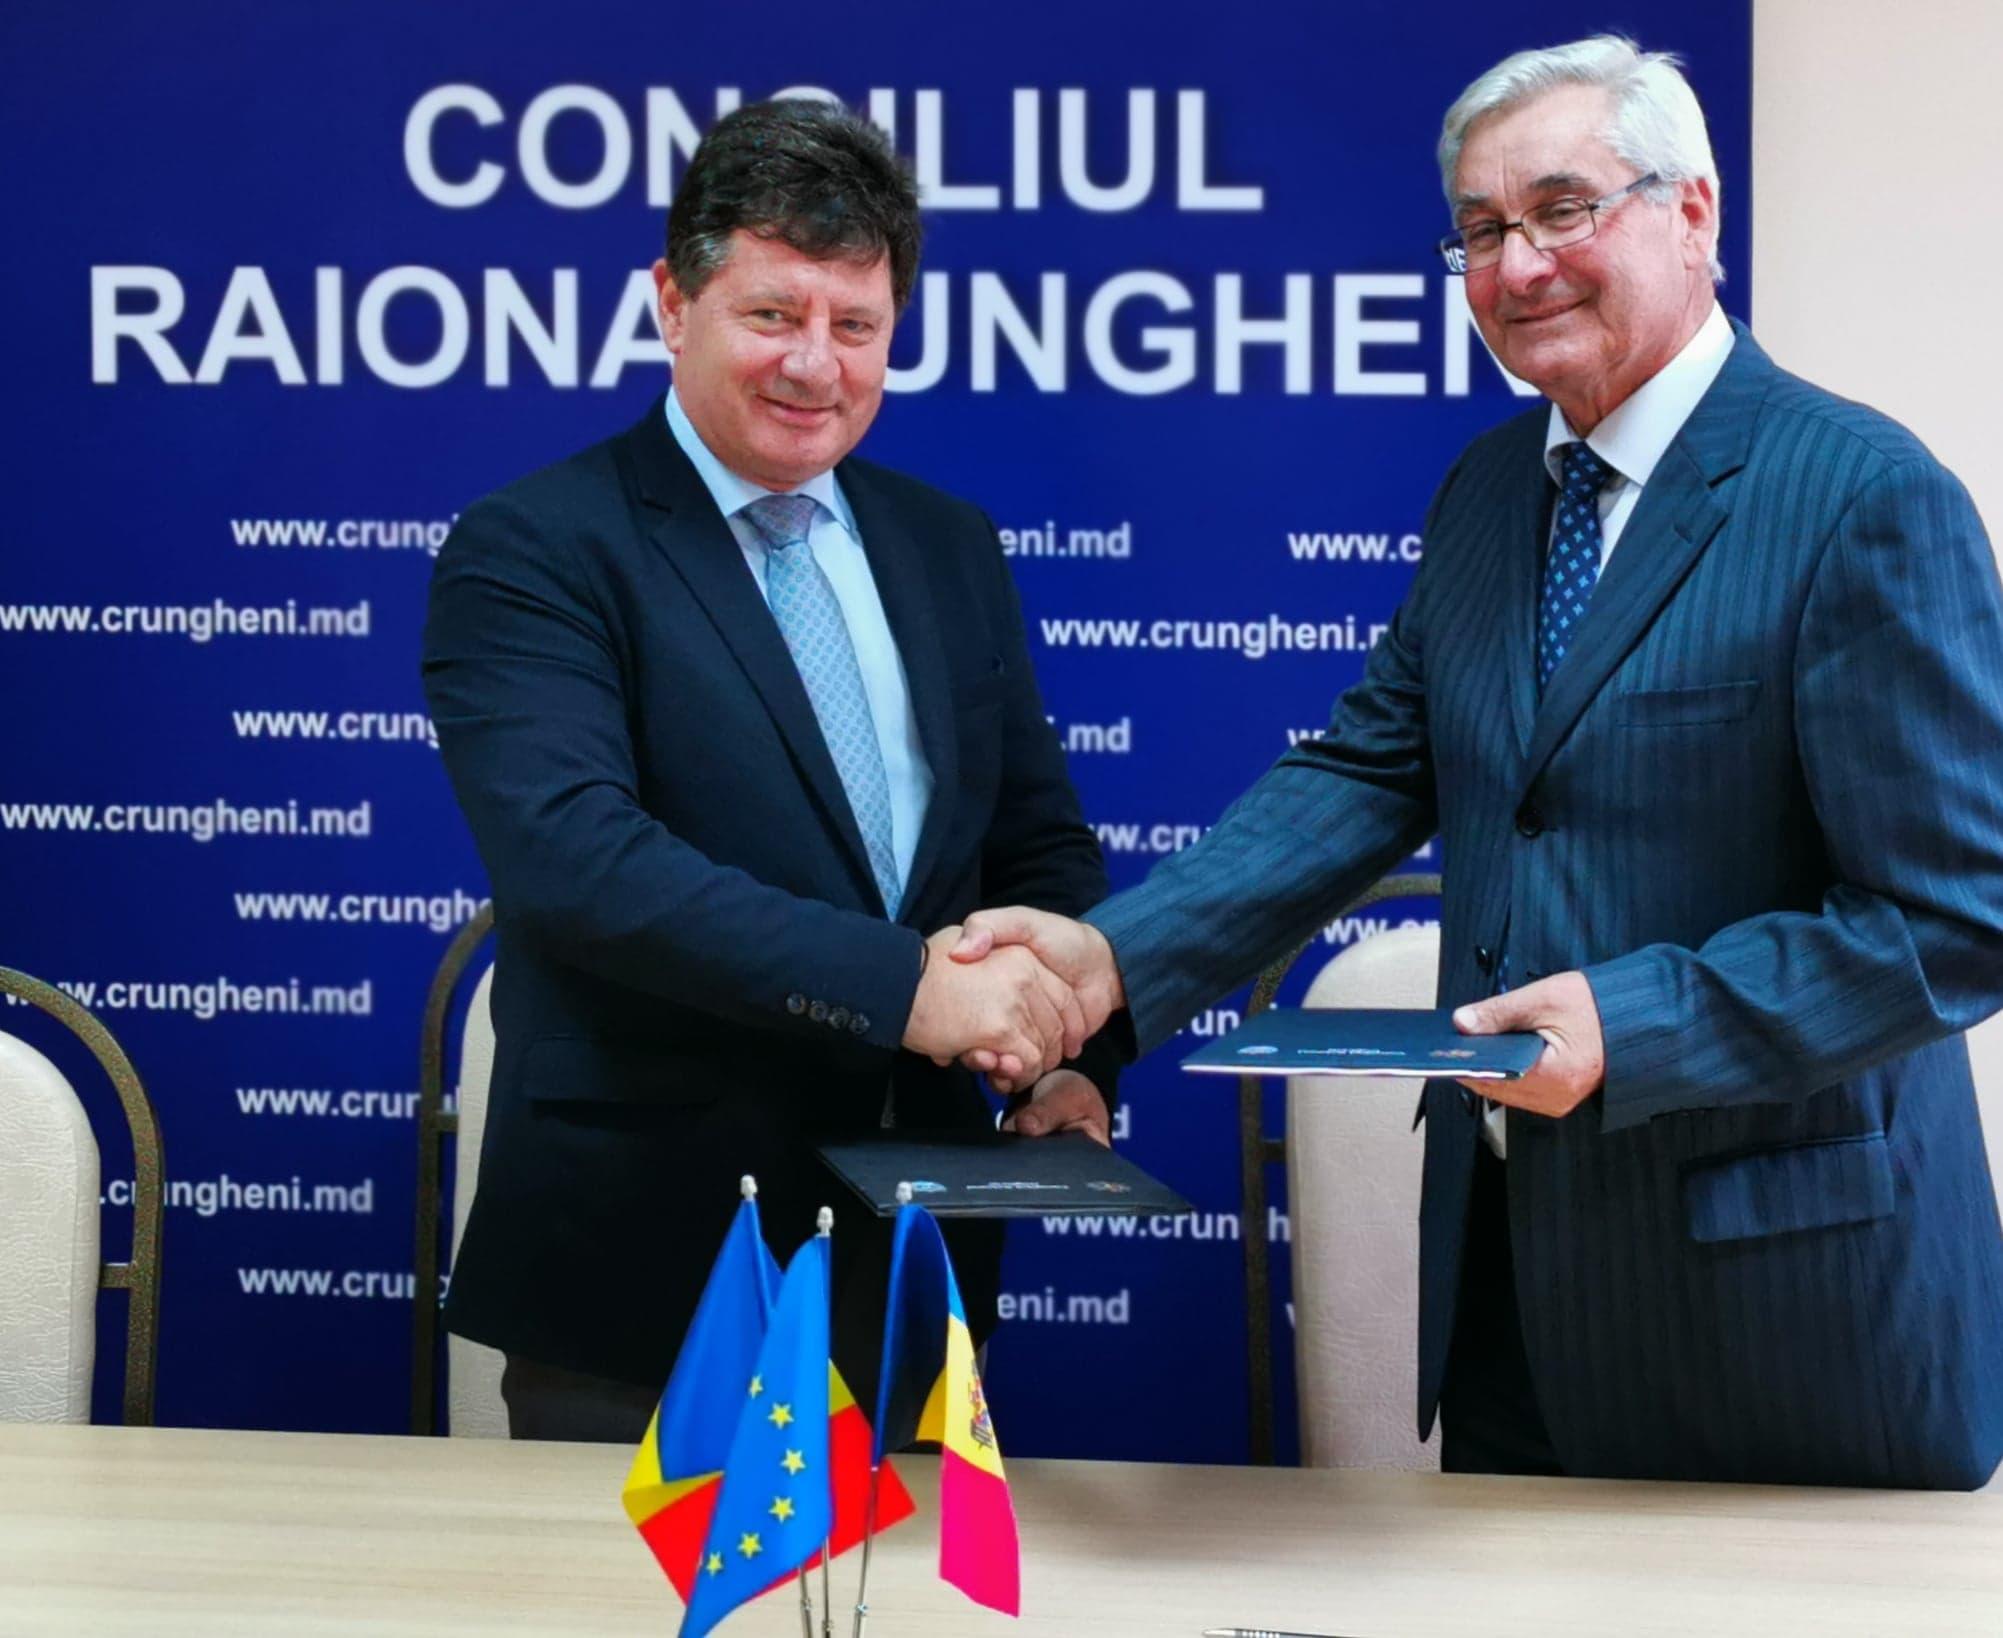 Iustin Cionca a prelungit acordul dintre Arad și Ungheni (Republica Moldova)